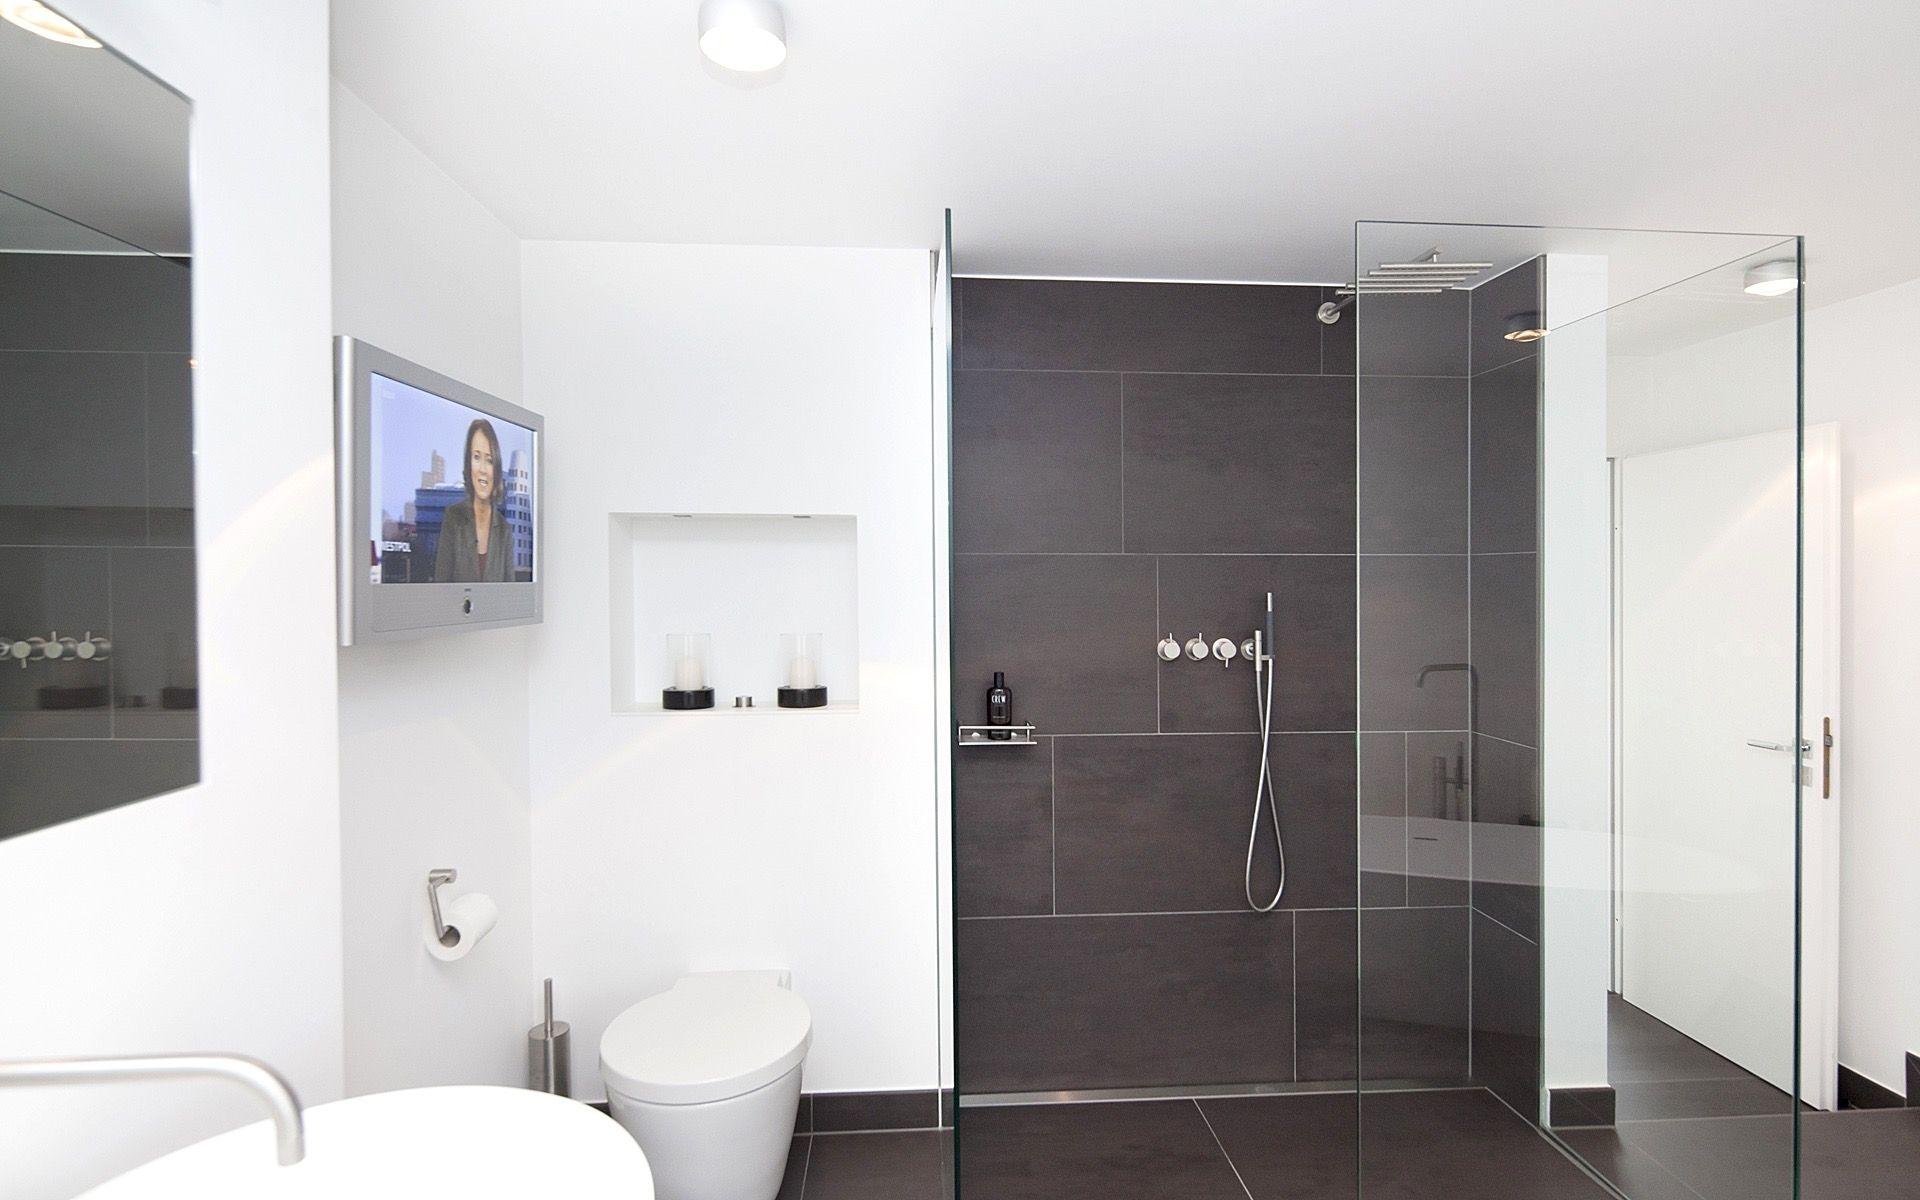 badezimmer deko grau weiß (mit Bildern) Badezimmer